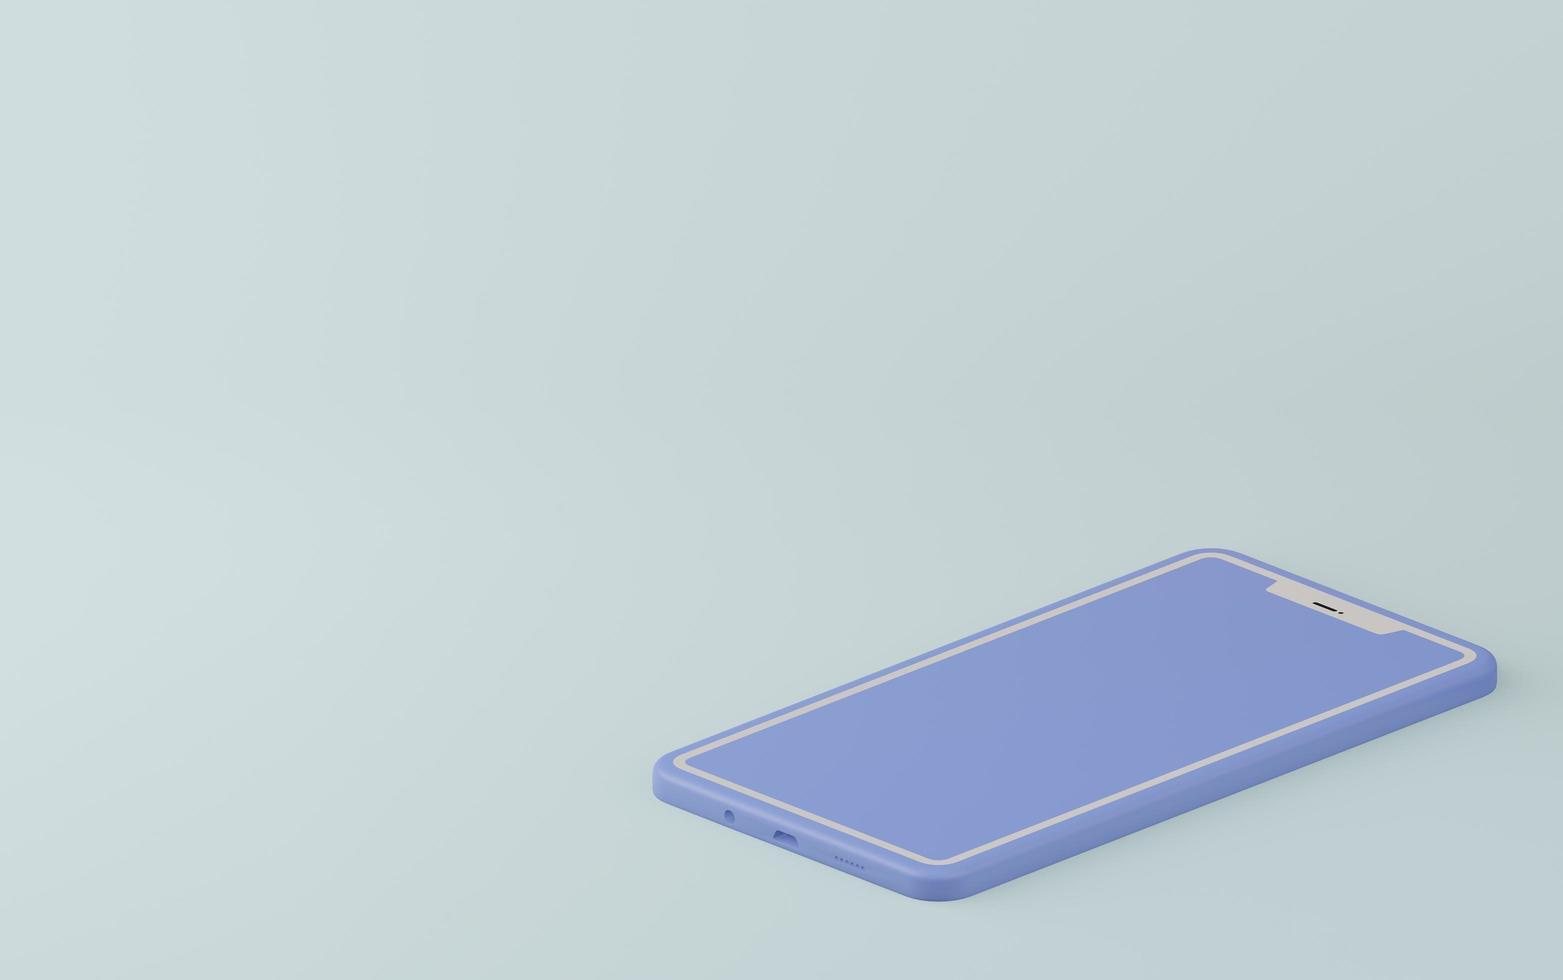 cellulare monocromatico blu pastello foto